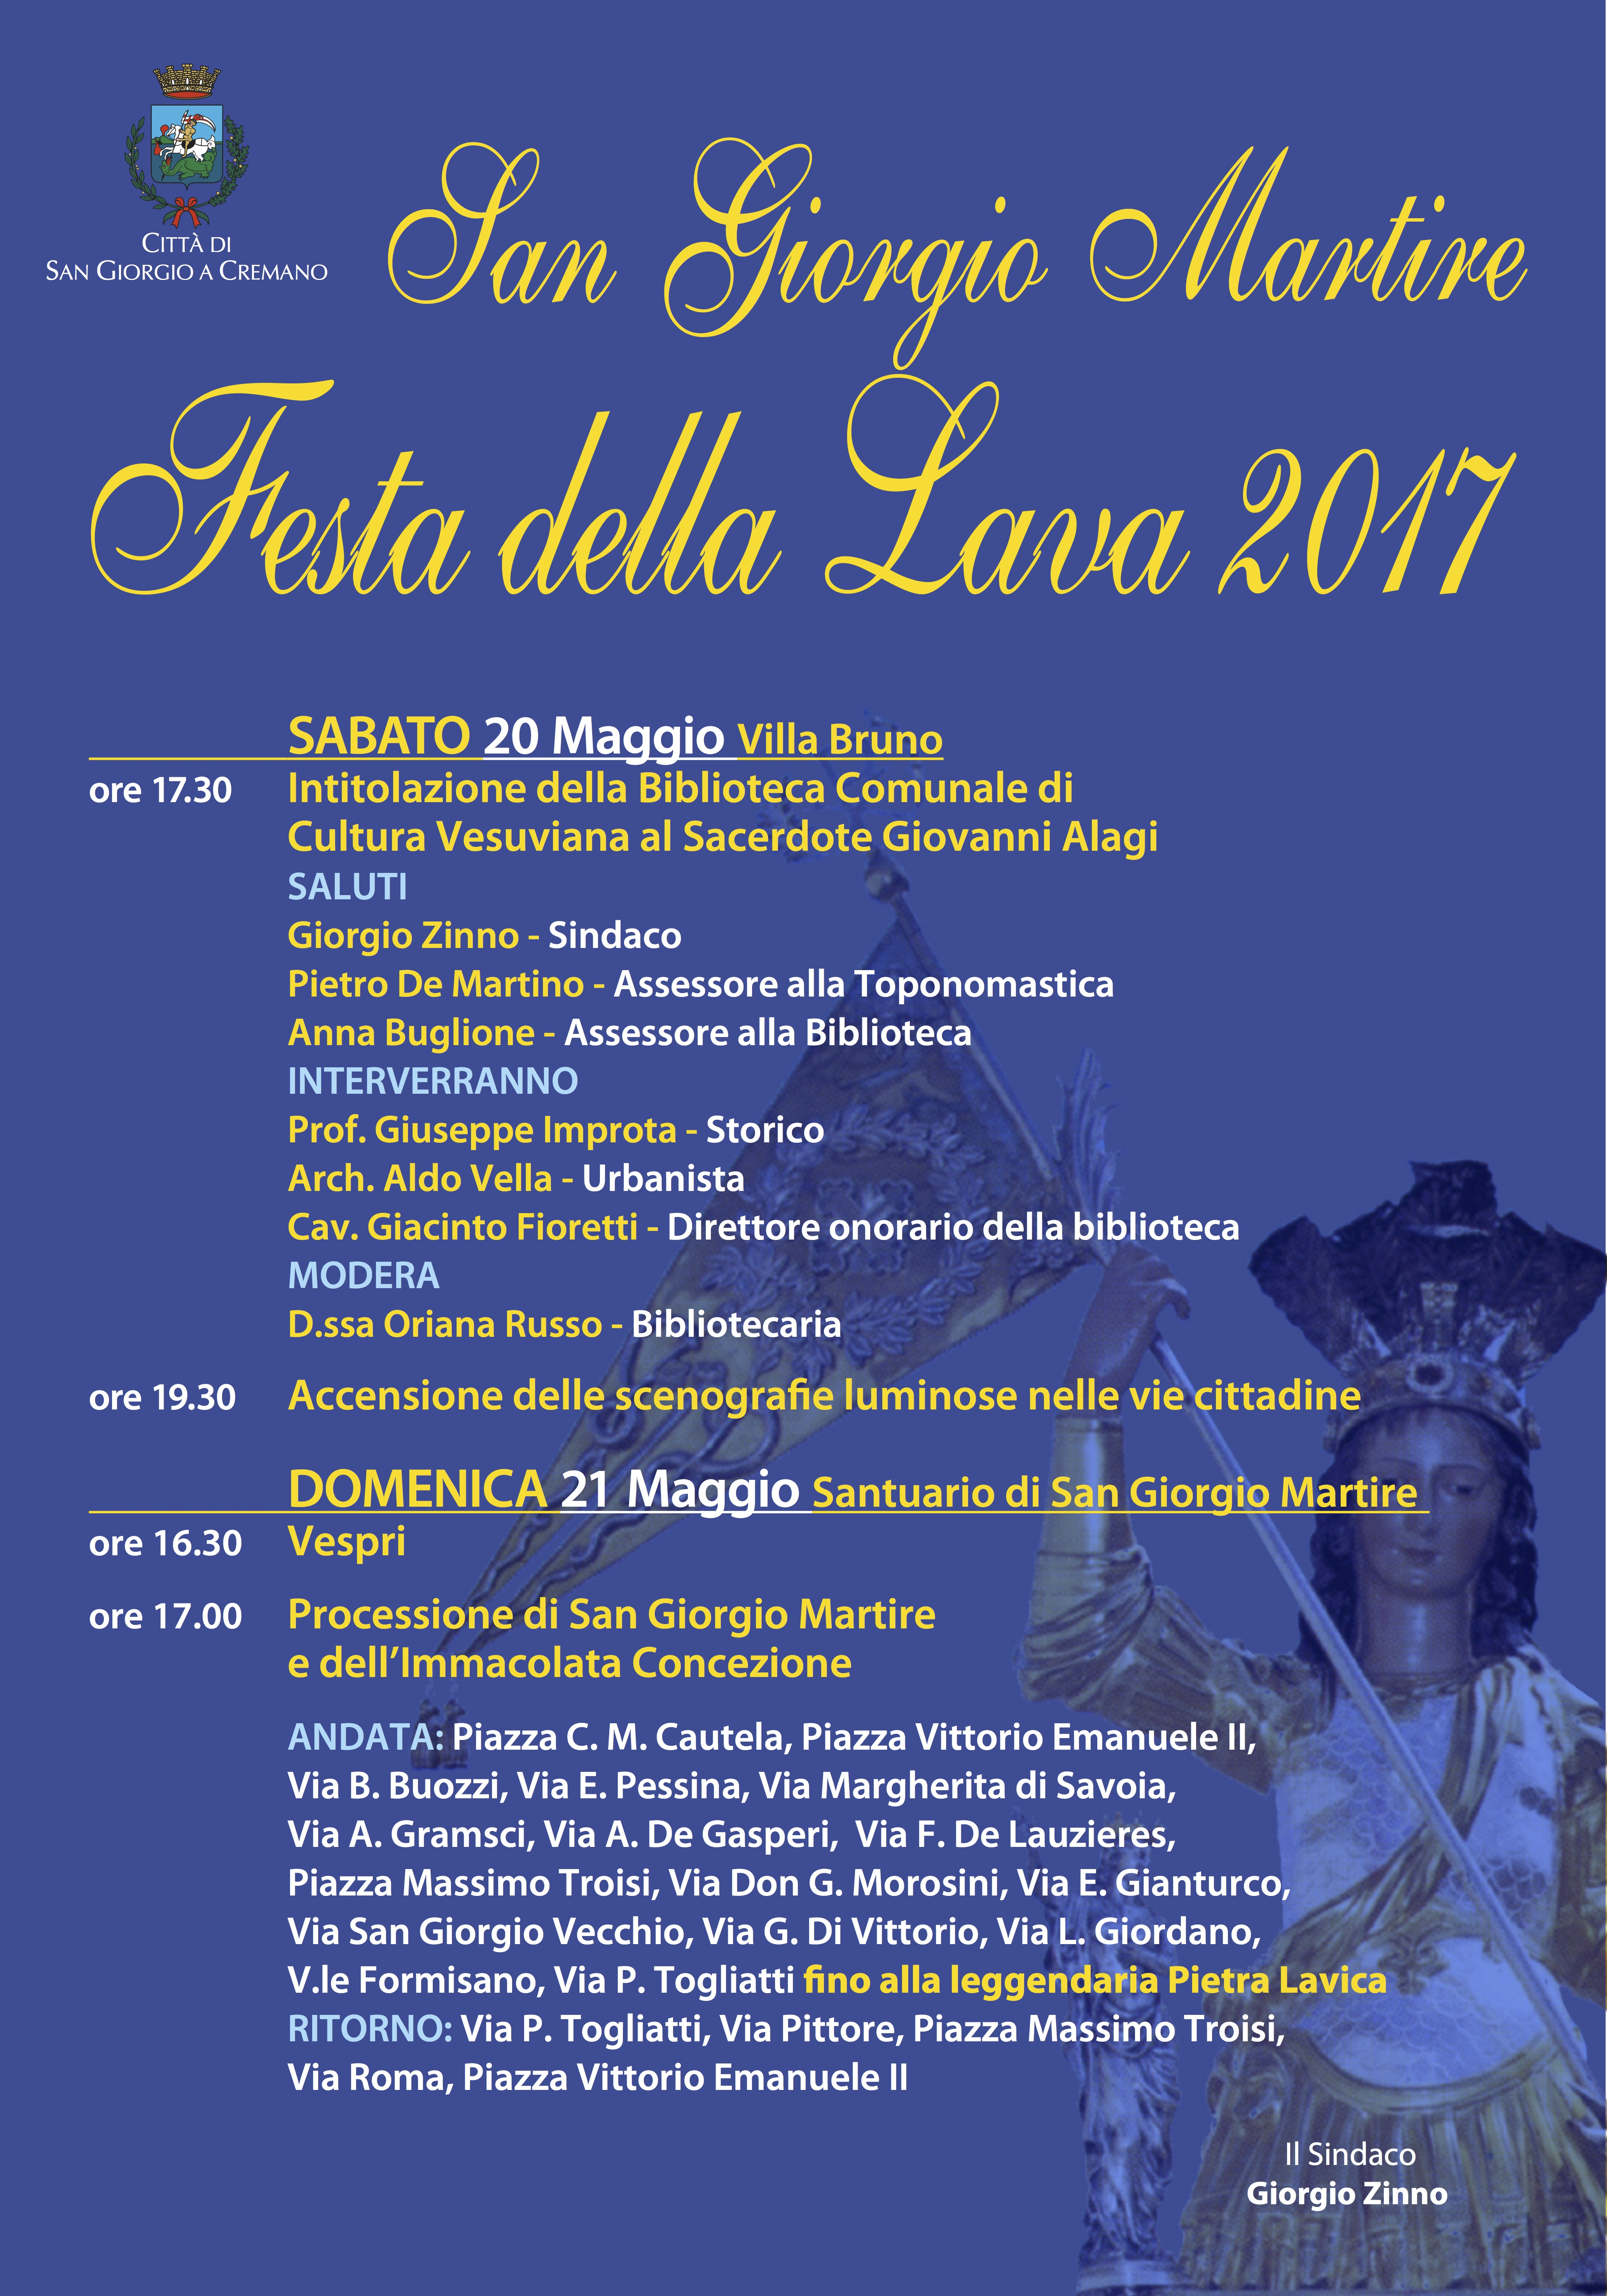 Festa della Lava doppio evento sabato e domenica con la intitolazione della biblioteca a Padre Alagi